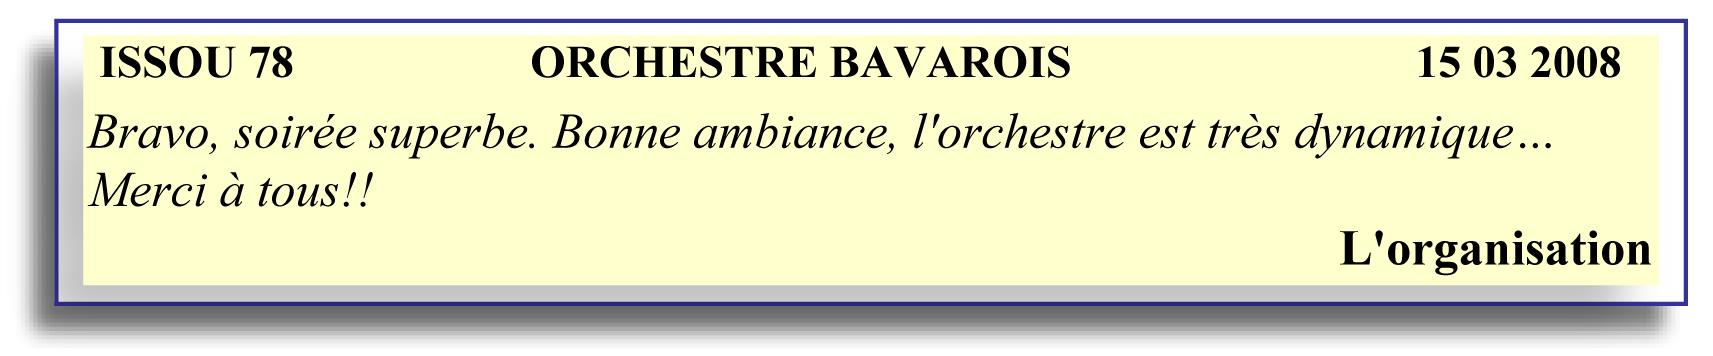 Issou 78 (2008)-orchestre bavarois